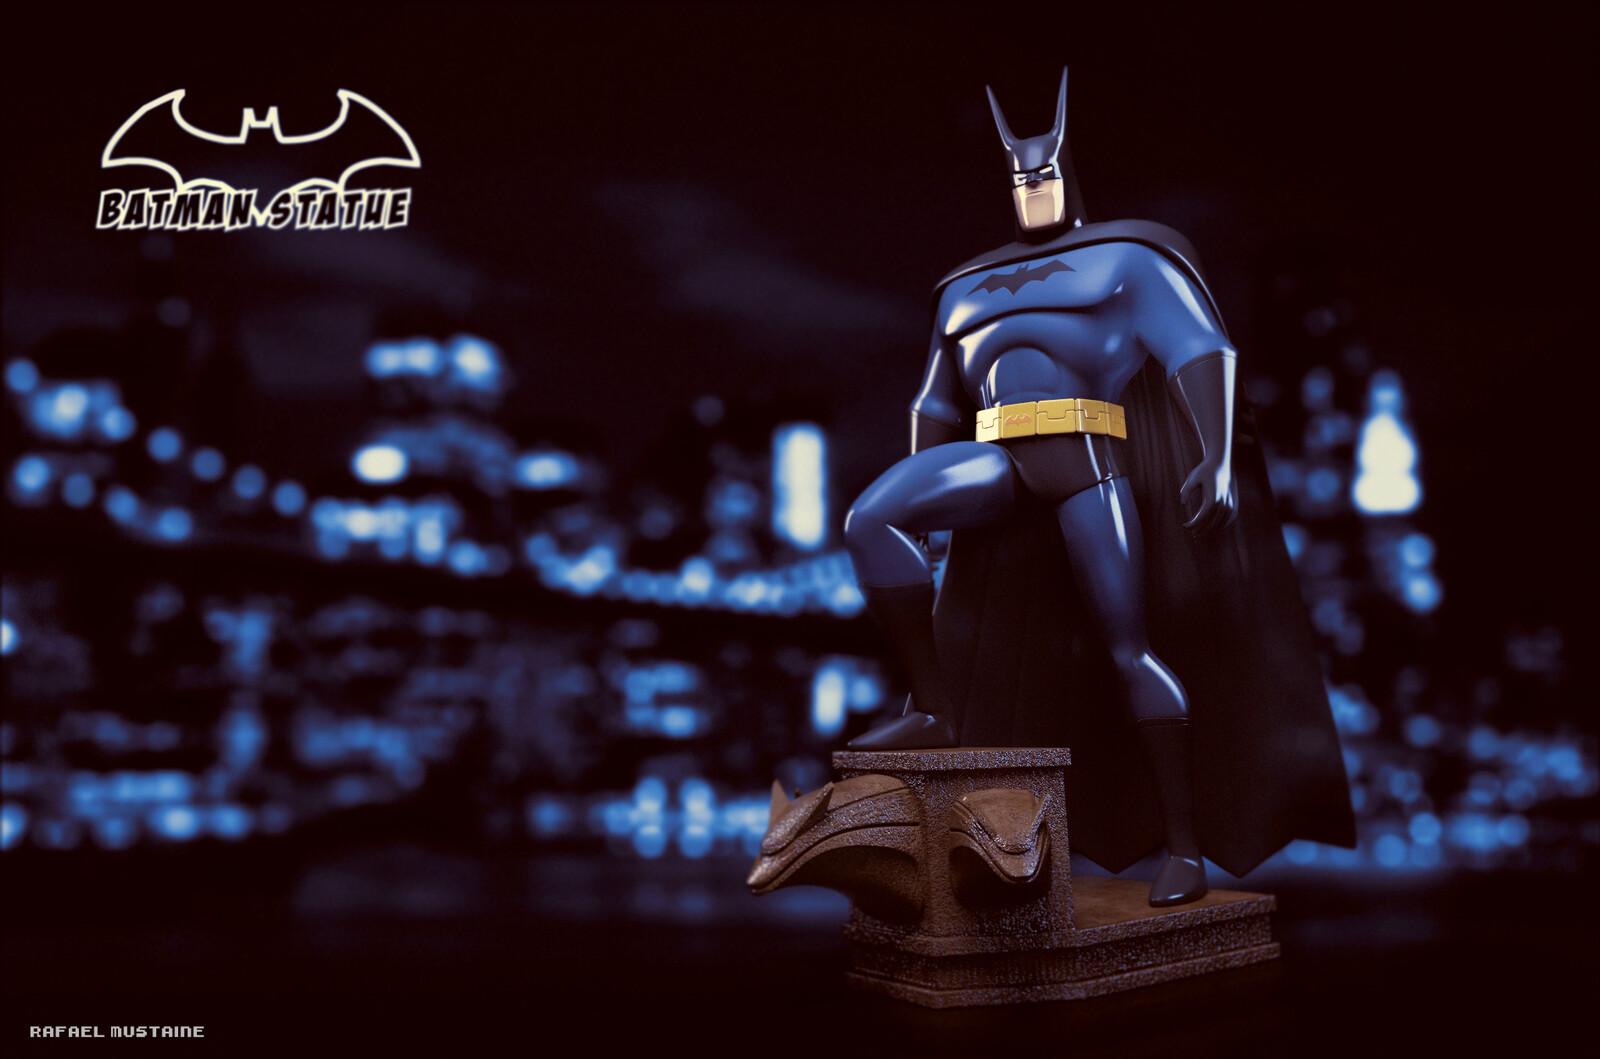 Batman Statue Fan Art